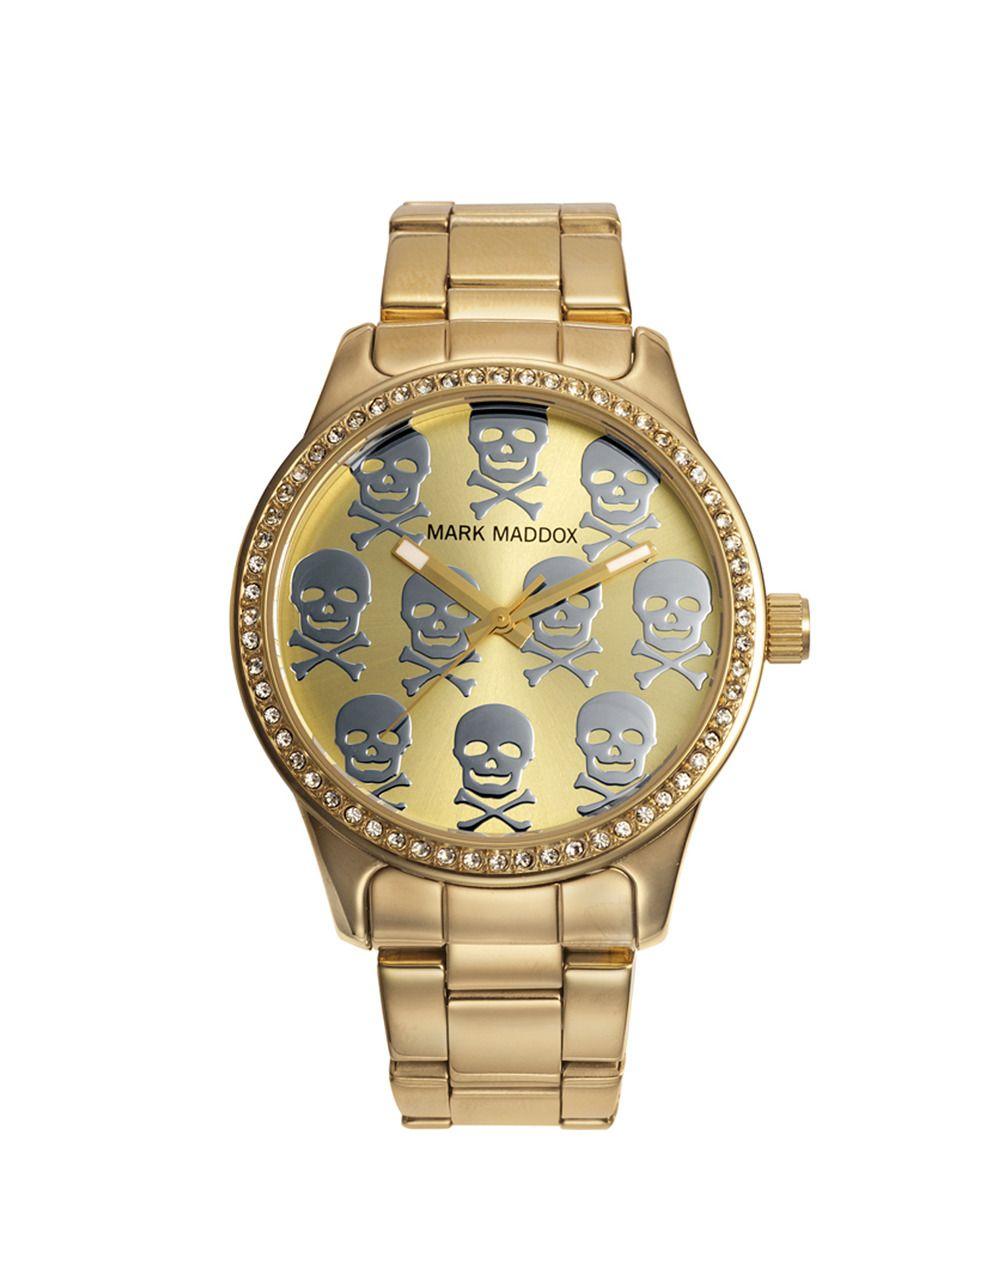 68a847985f60 Reloj de mujer Mark Maddox de El Corte Inglés | Relojes en 2019 ...